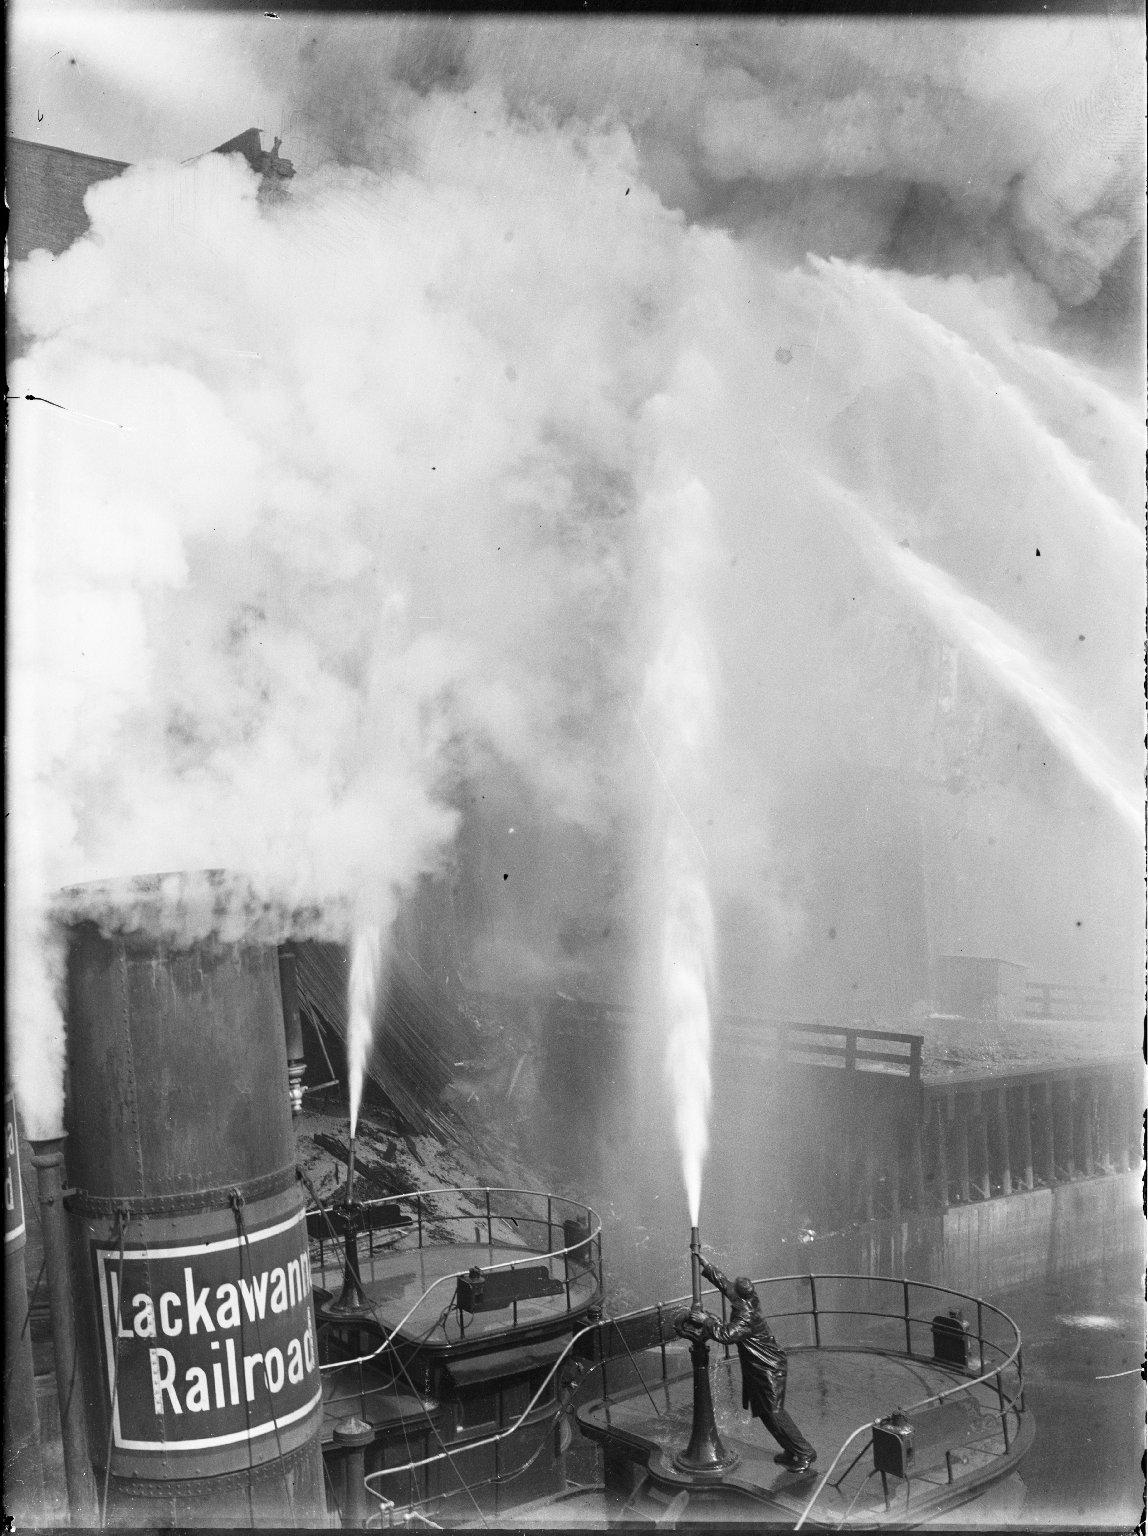 Тушение пожара на пирсе с пожарного катера. Нью-Йорк, США. 1930-е